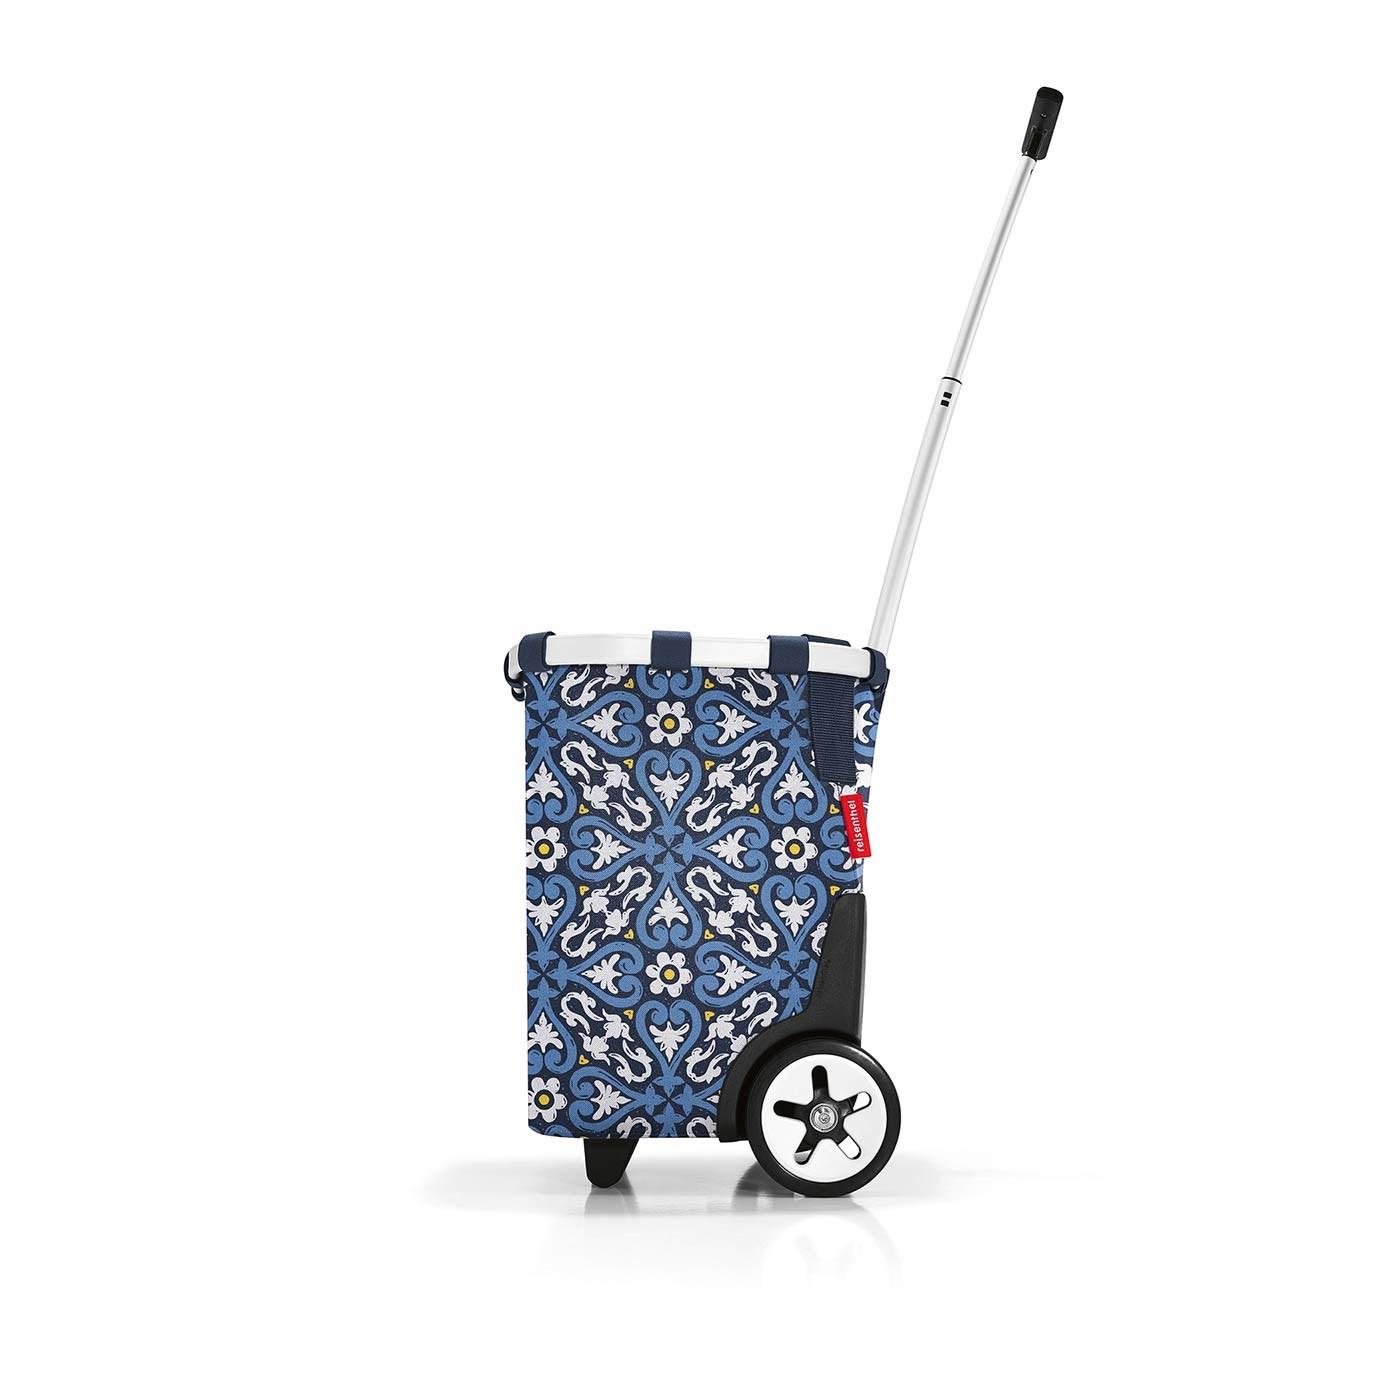 Taška na kolečkách Carrycruiser floral 1_3